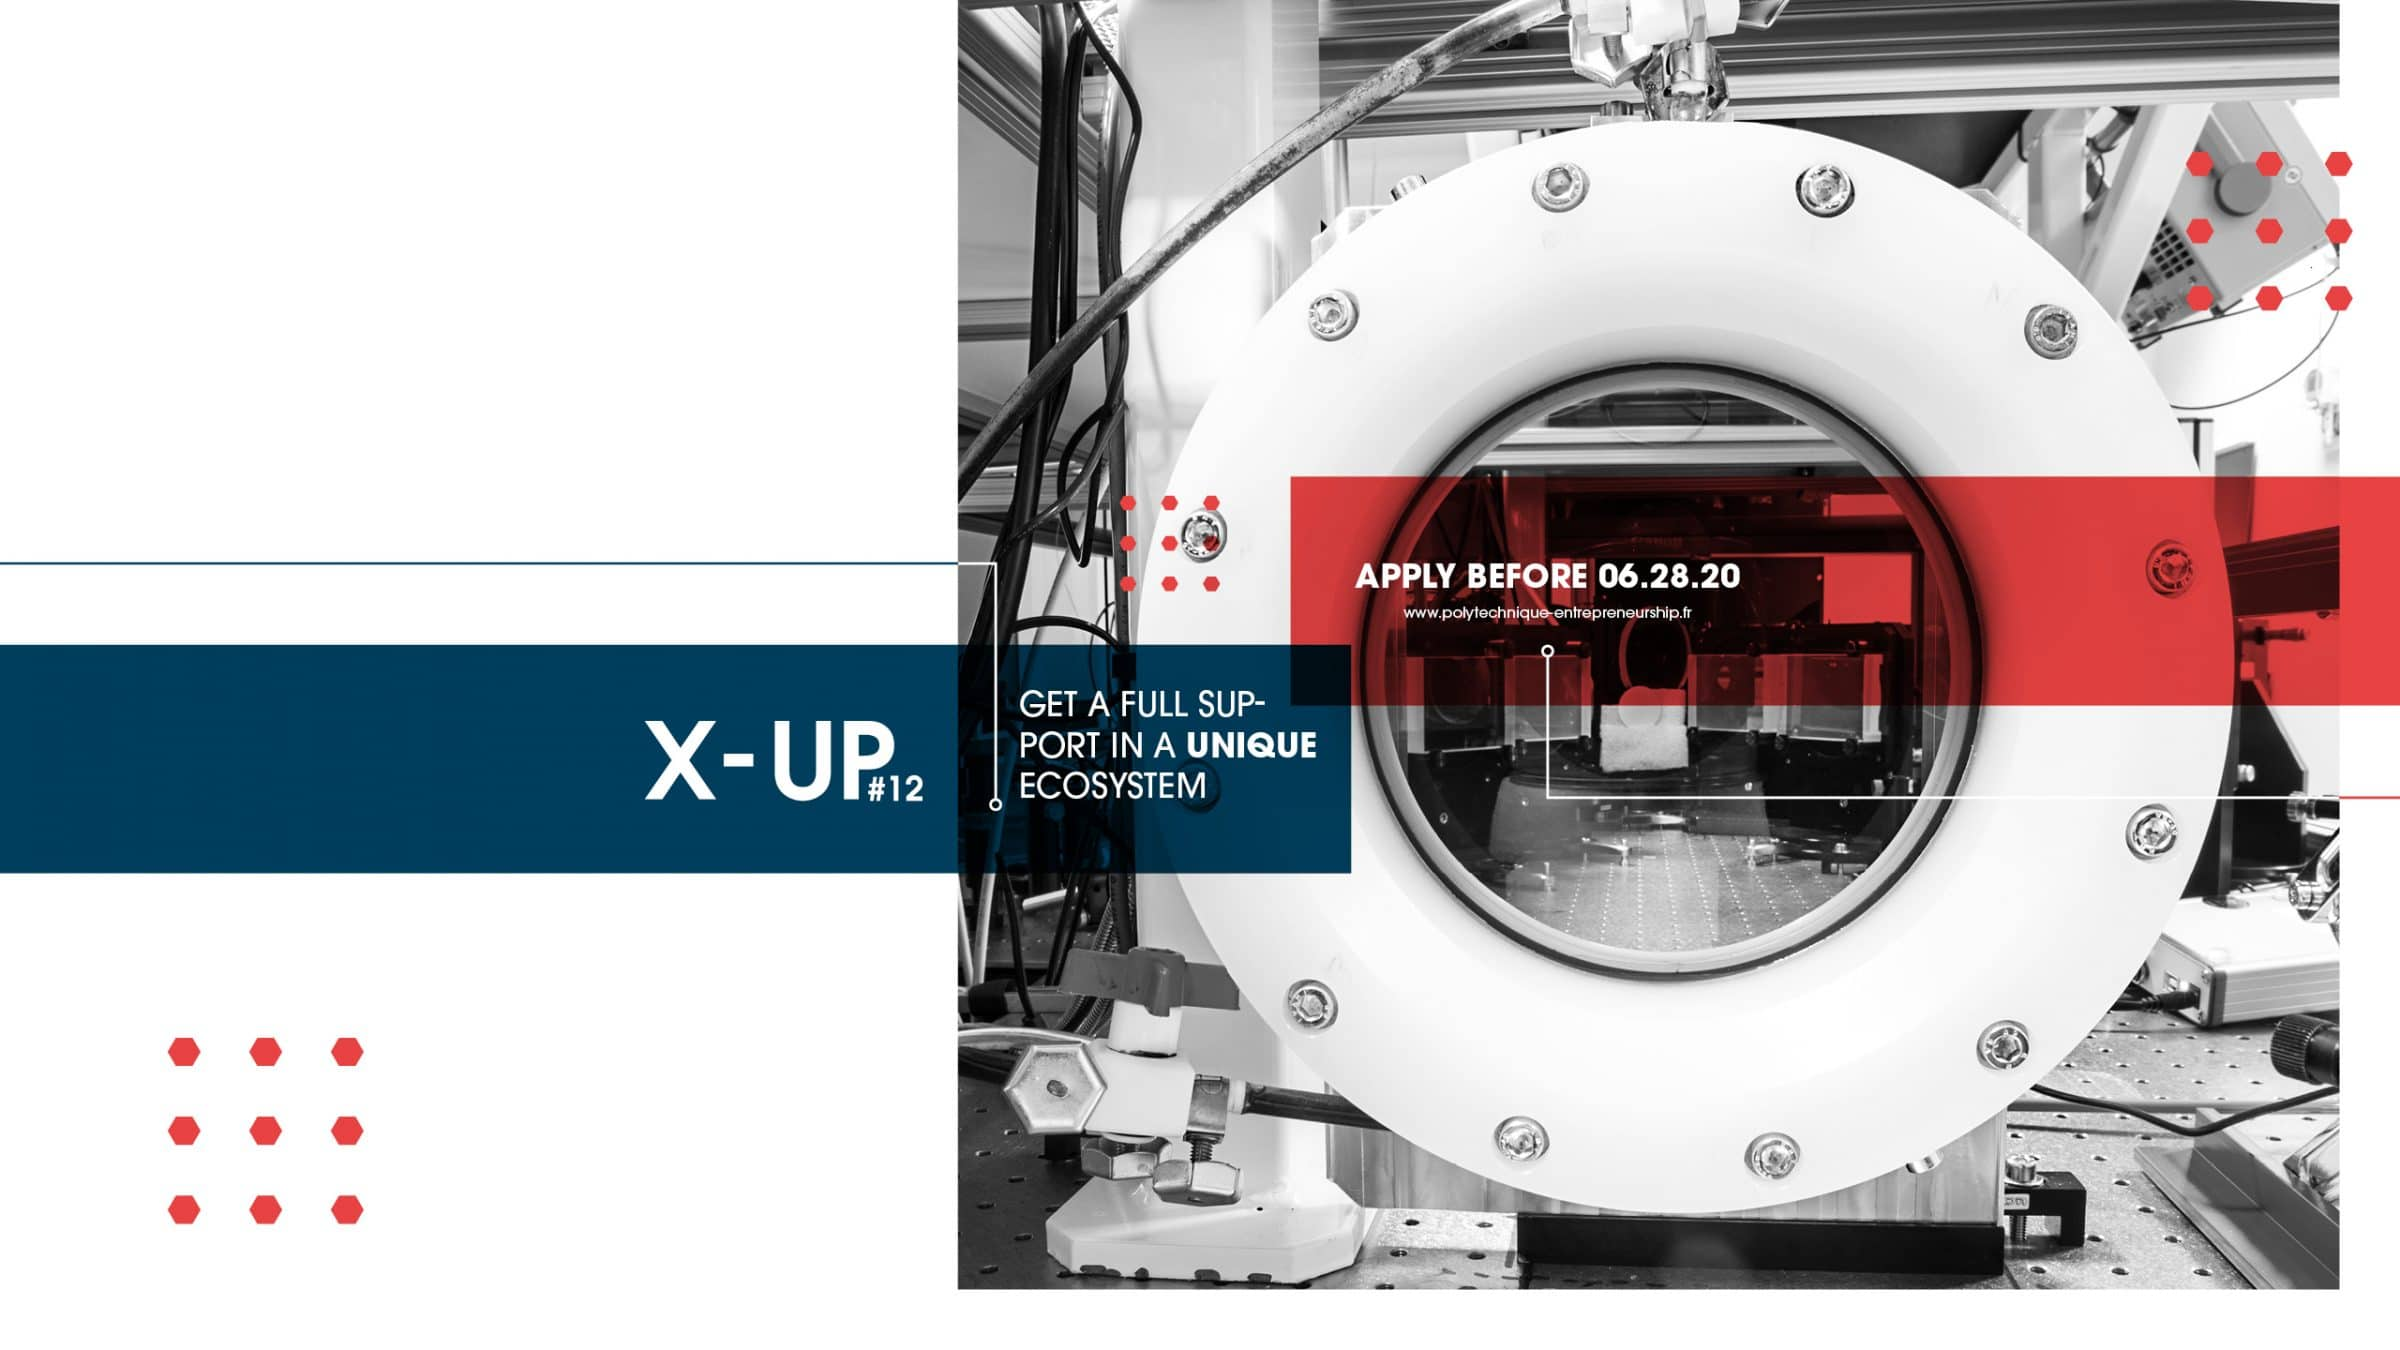 Le Centre d'Entrepreneuriat et d'Innovation de l'Ecole polytechniquerecherche sa12ème promopourson programme d'Incubation X-Up de porteurs de projets /jeunes entreprises tech!